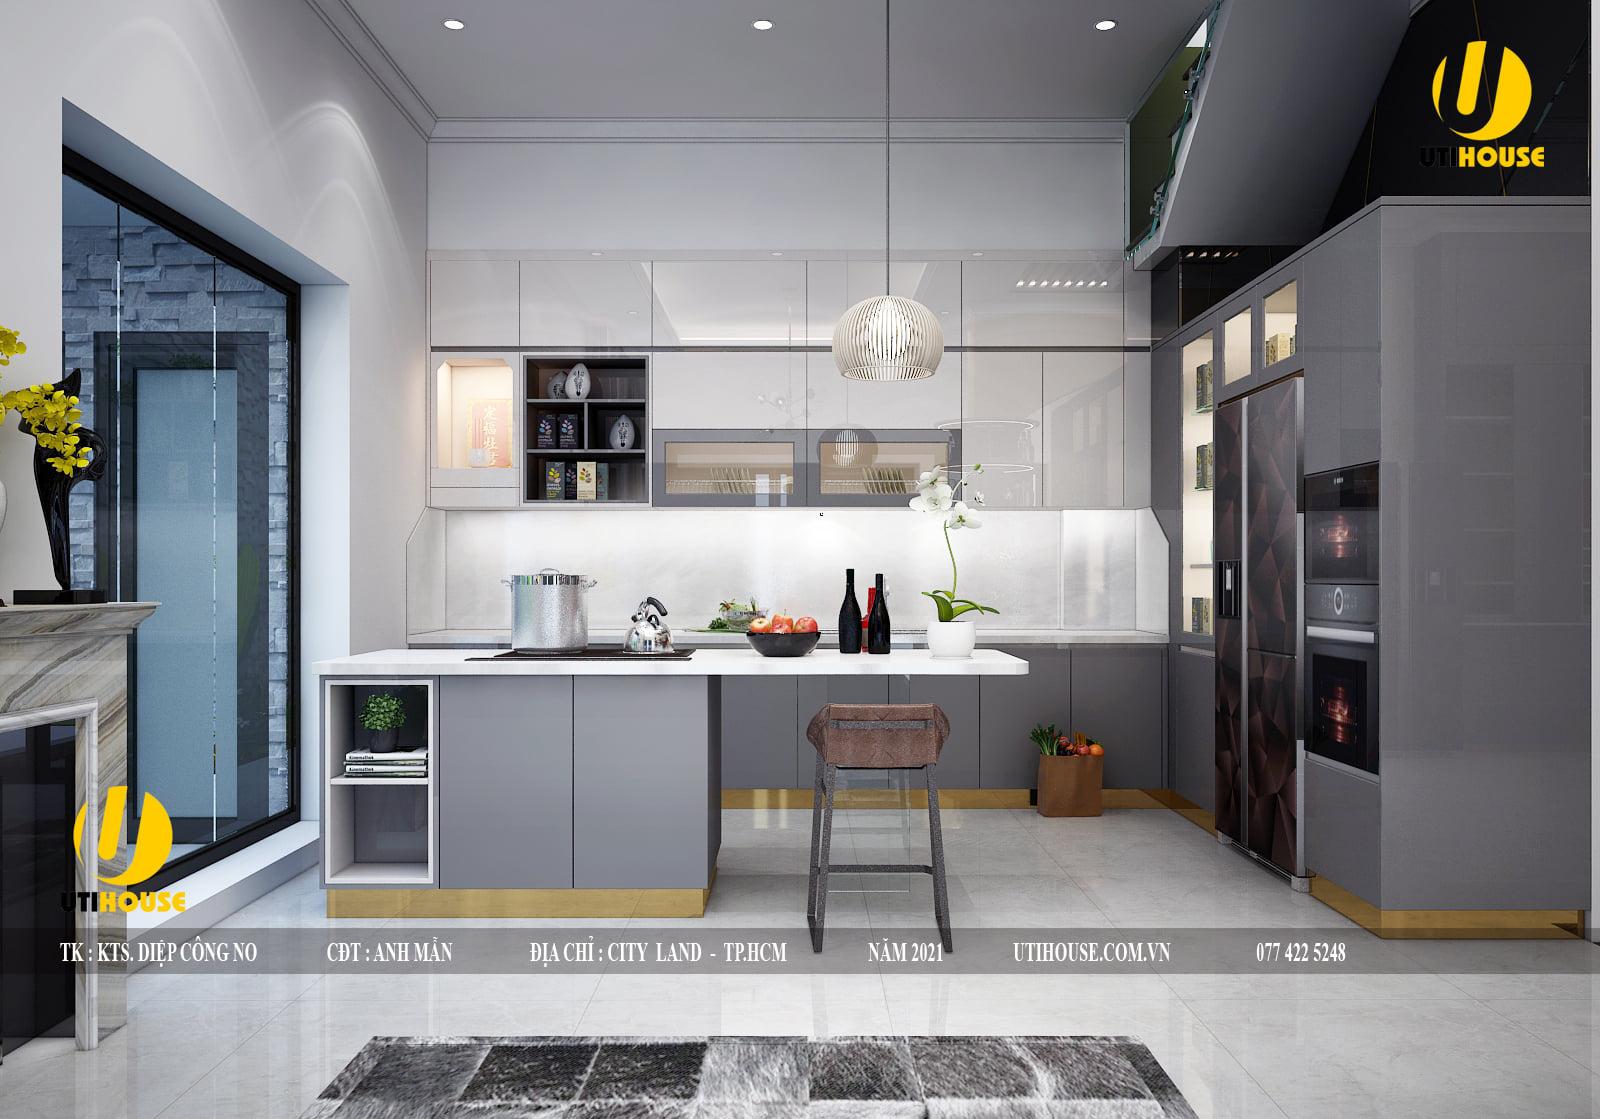 Những mẫu thiết kế nhà bếp đẹp tiện nghi mới nhất 2021